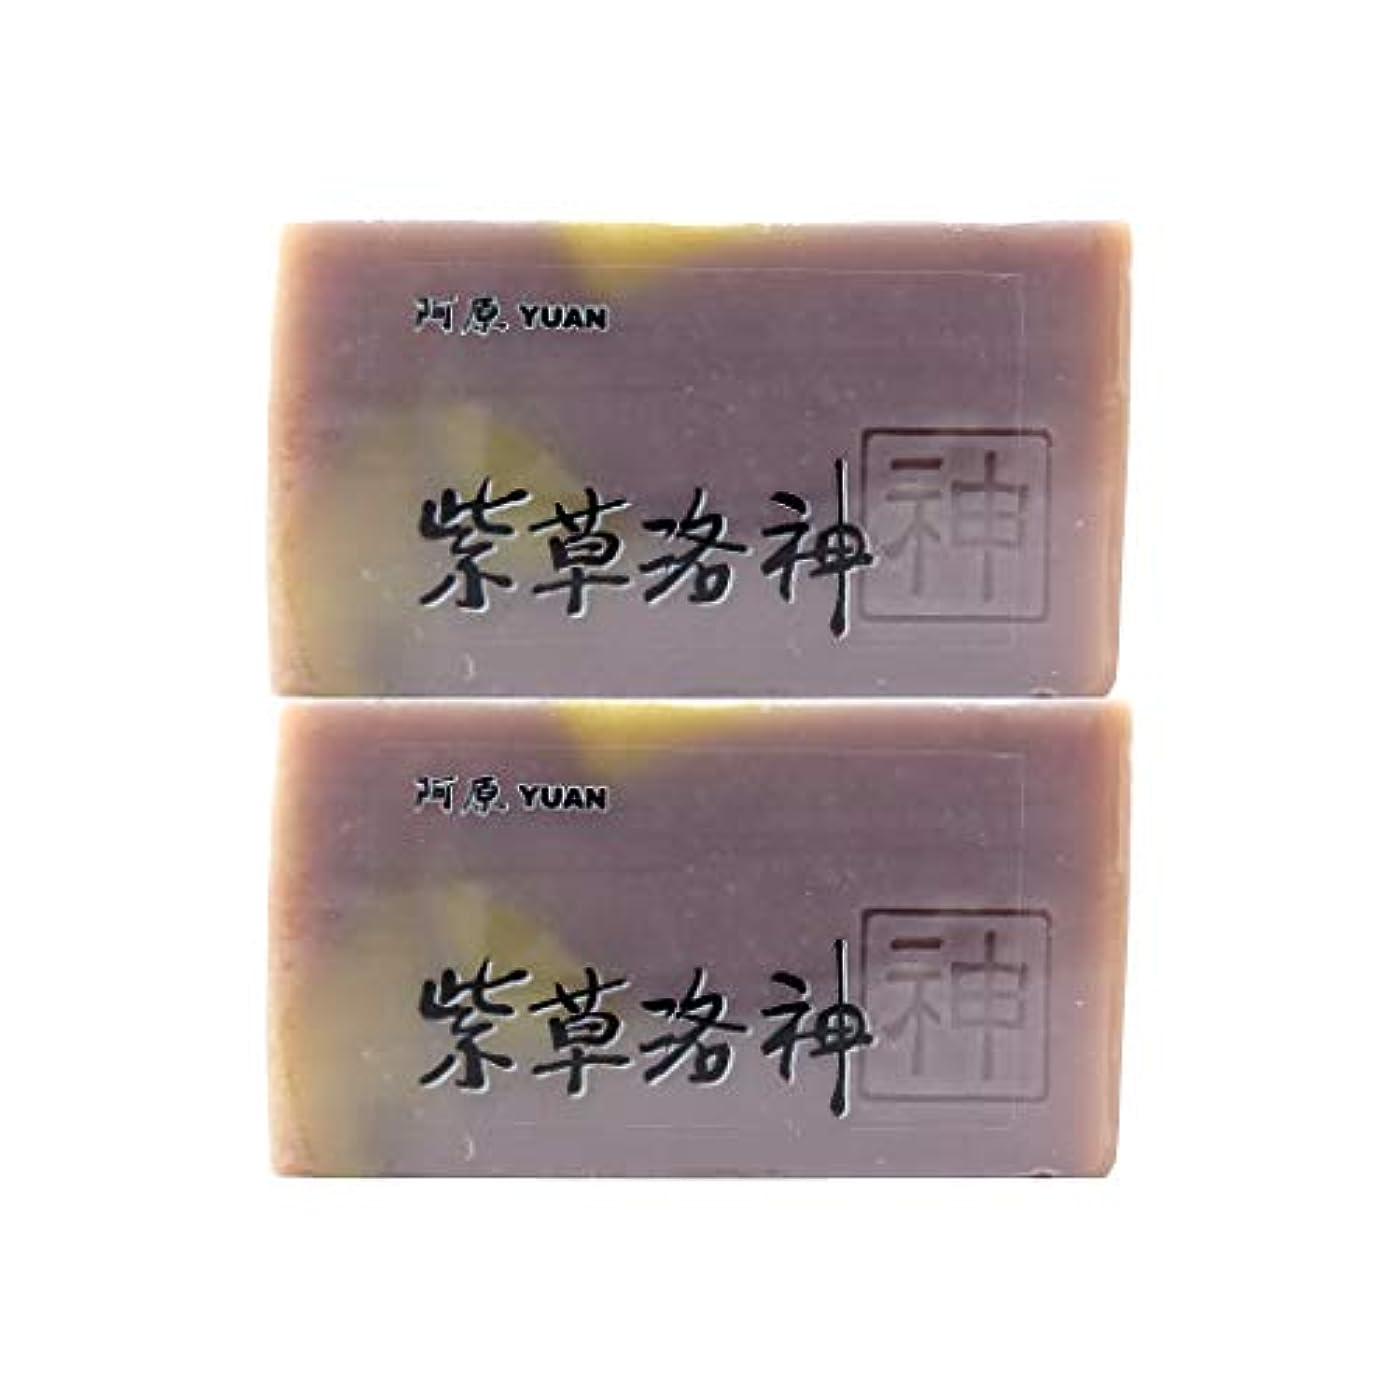 いらいらさせるオーガニック意志ユアン(YUAN) ハイビスカスソープ 100g (2個セット)